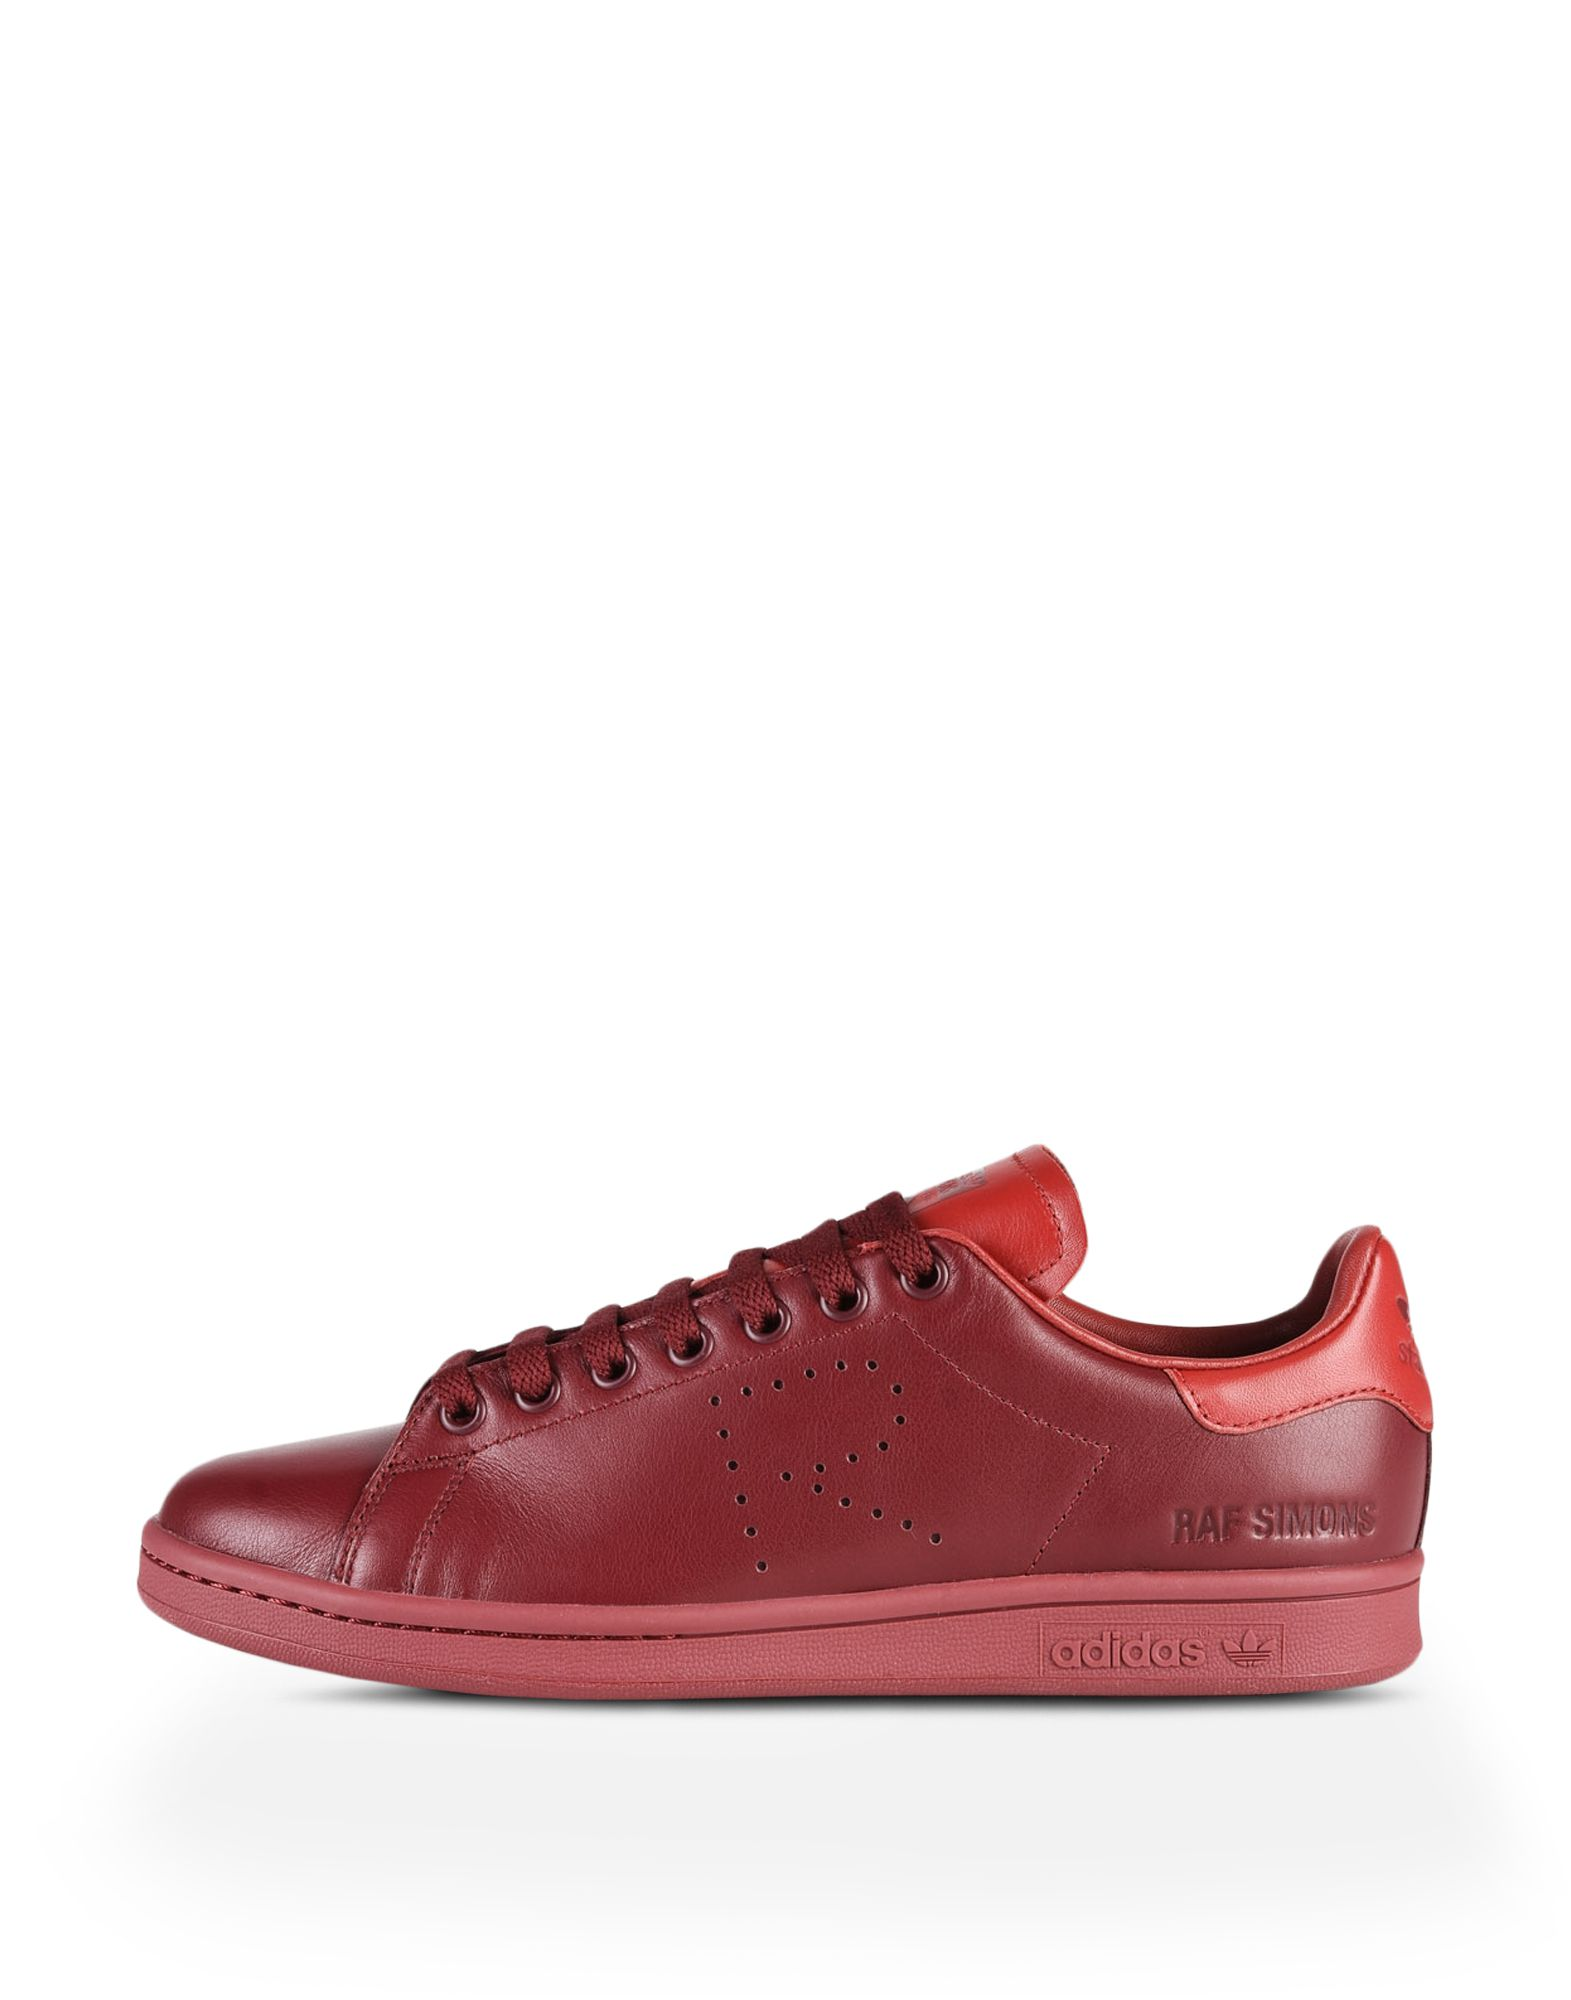 scarpe adidas donna bordeaux